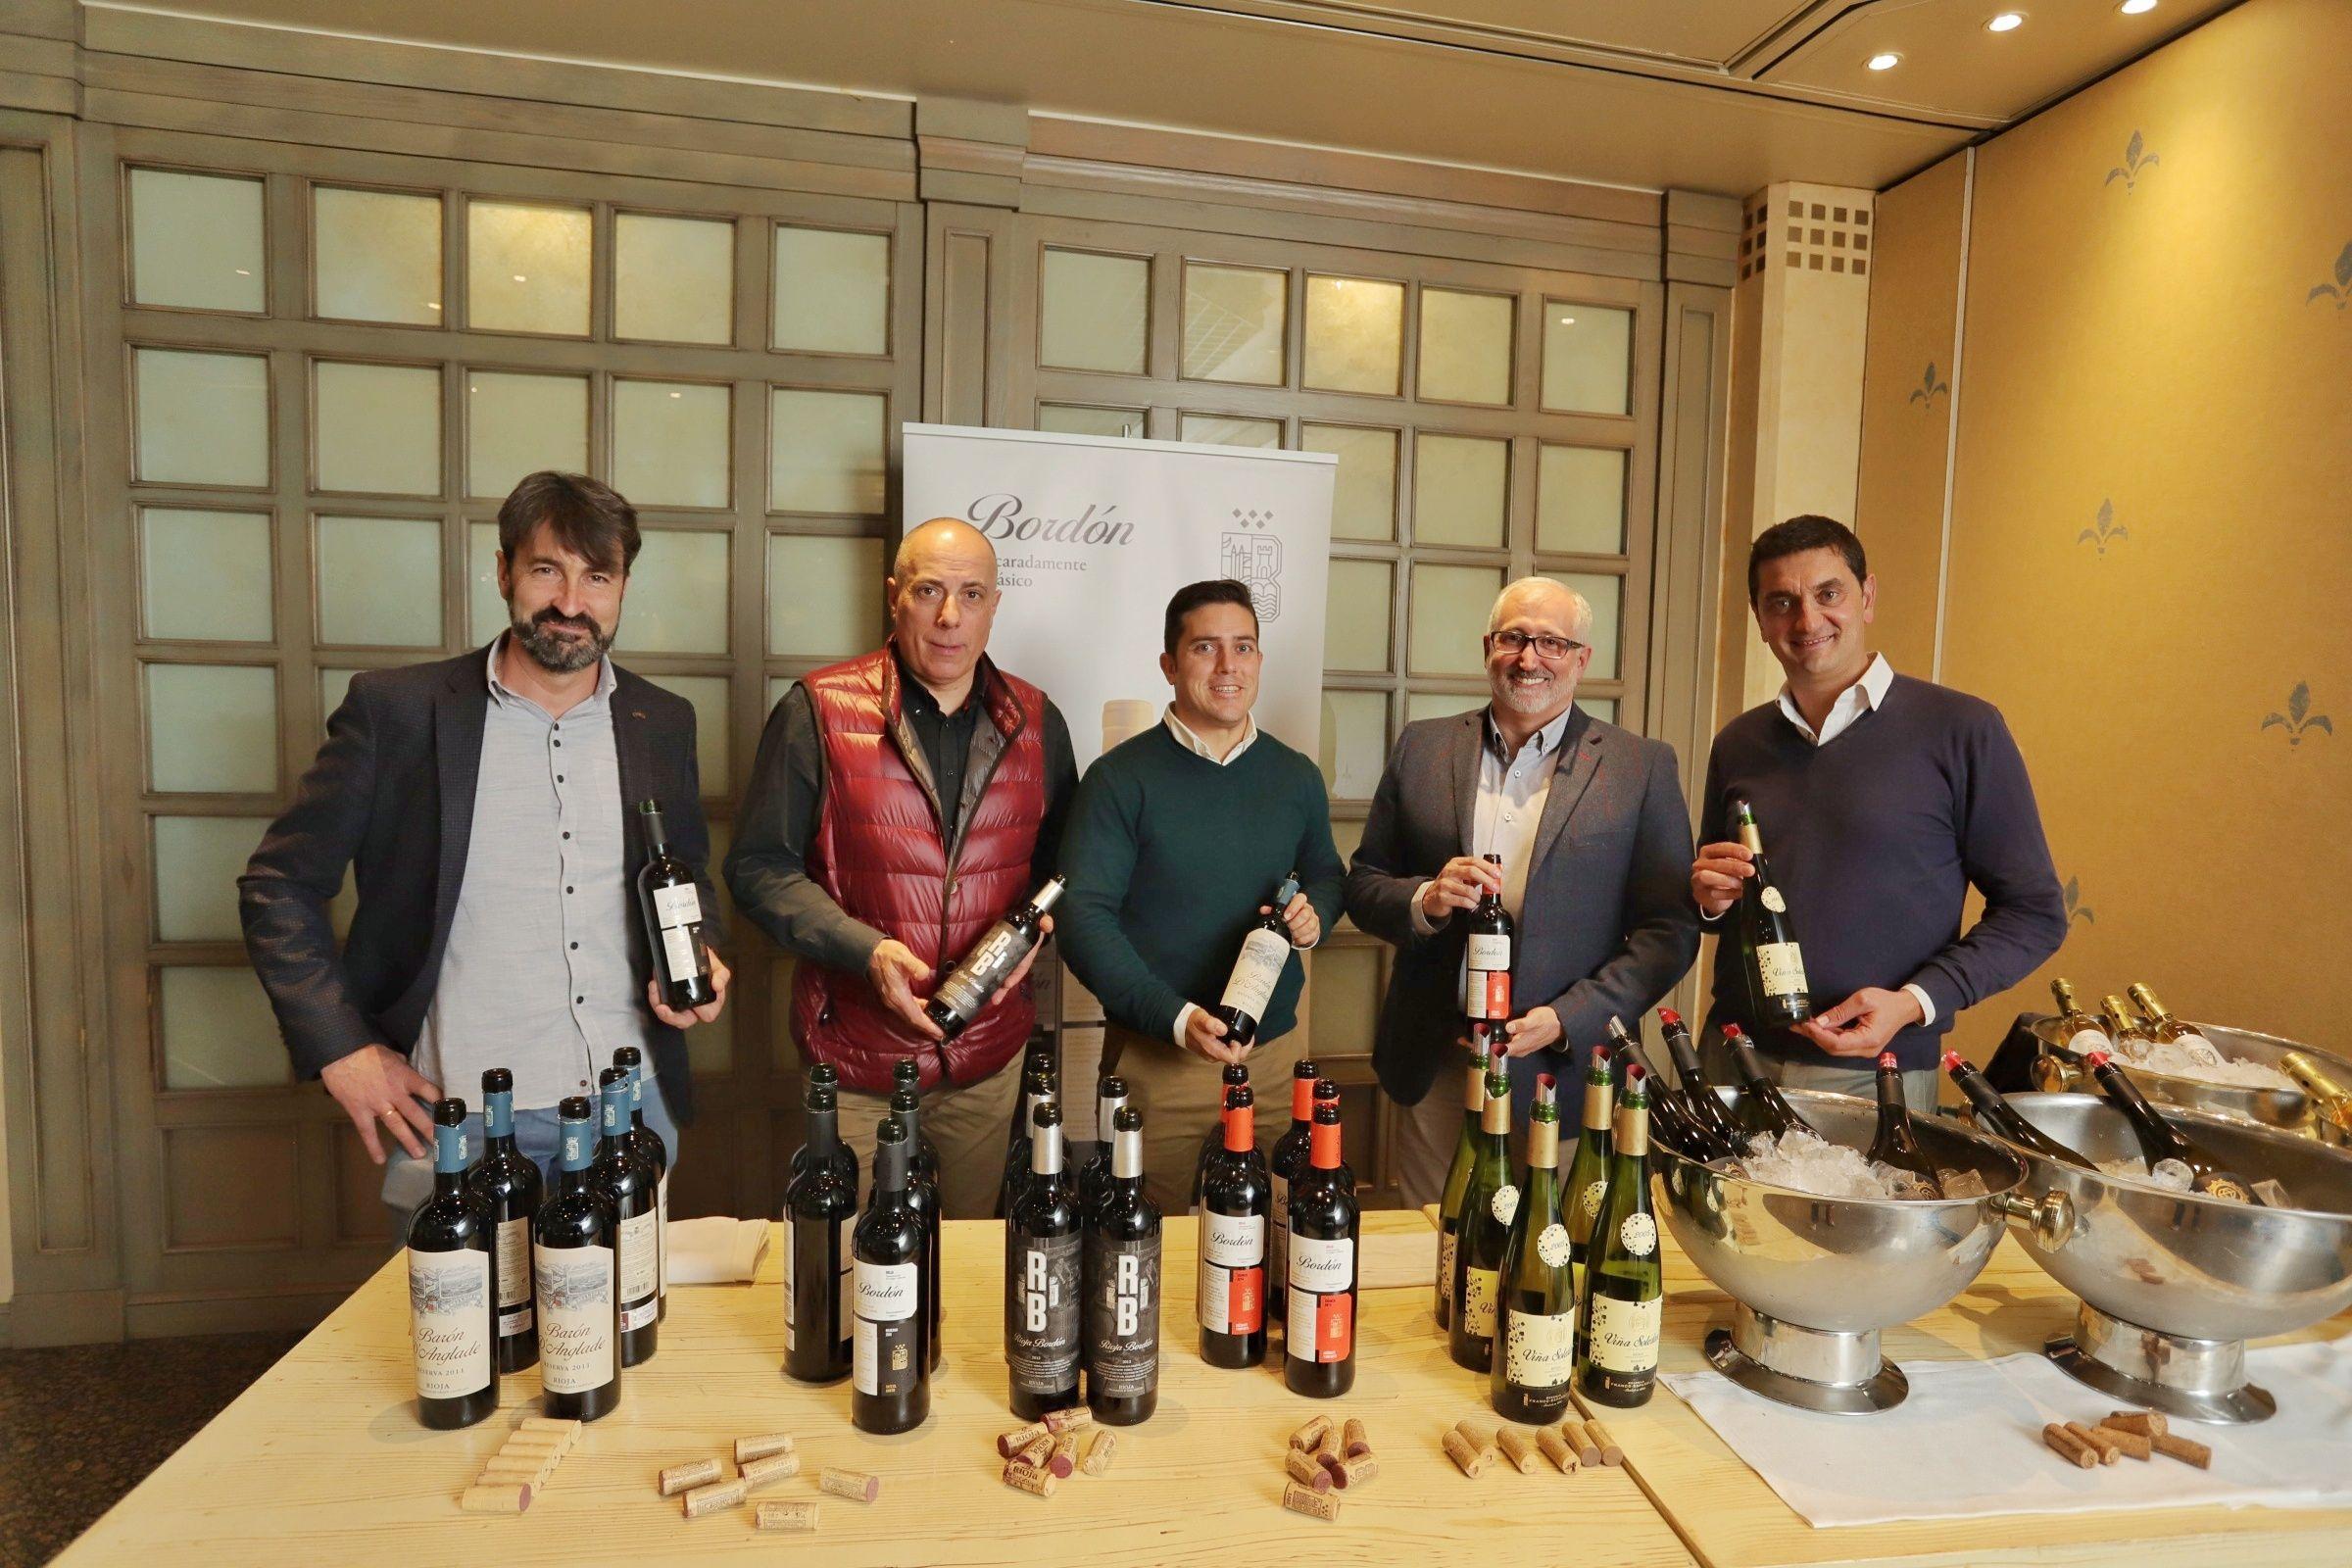 Los vinos de Bodegas Franco-Españolas conquistan Zaragoza con sus siete referencias más representativas